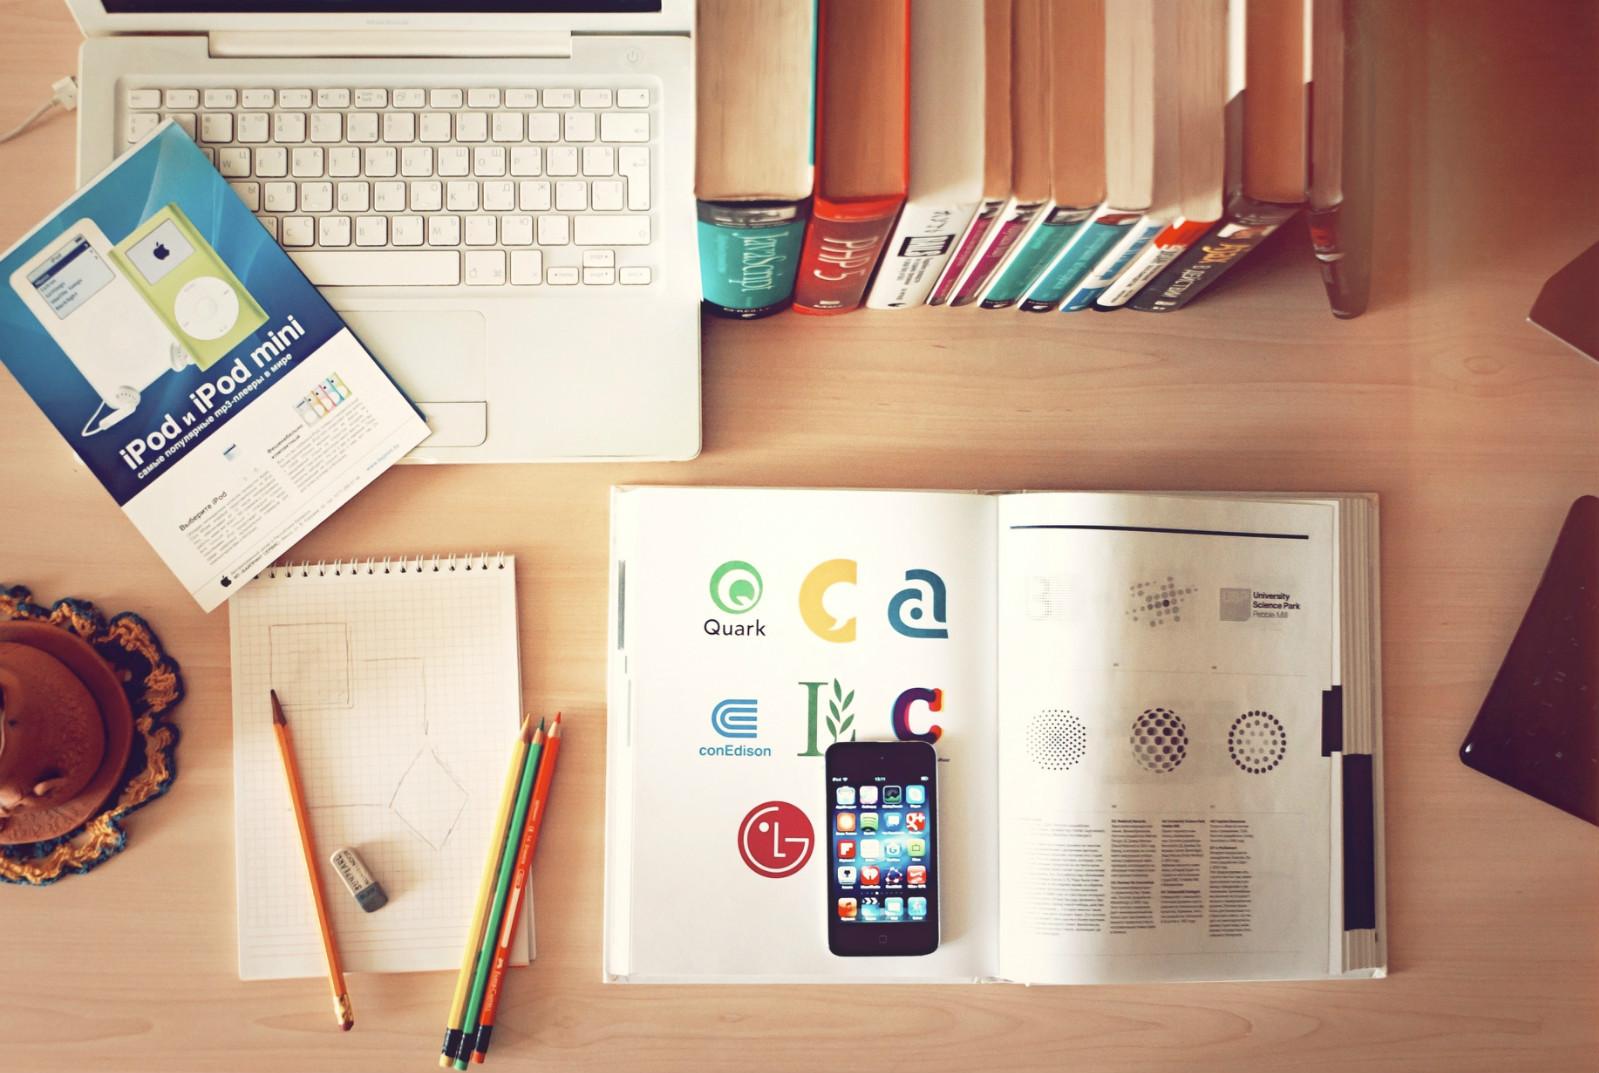 运营总监力推!如何写一份优秀的活动策划与执行方案?